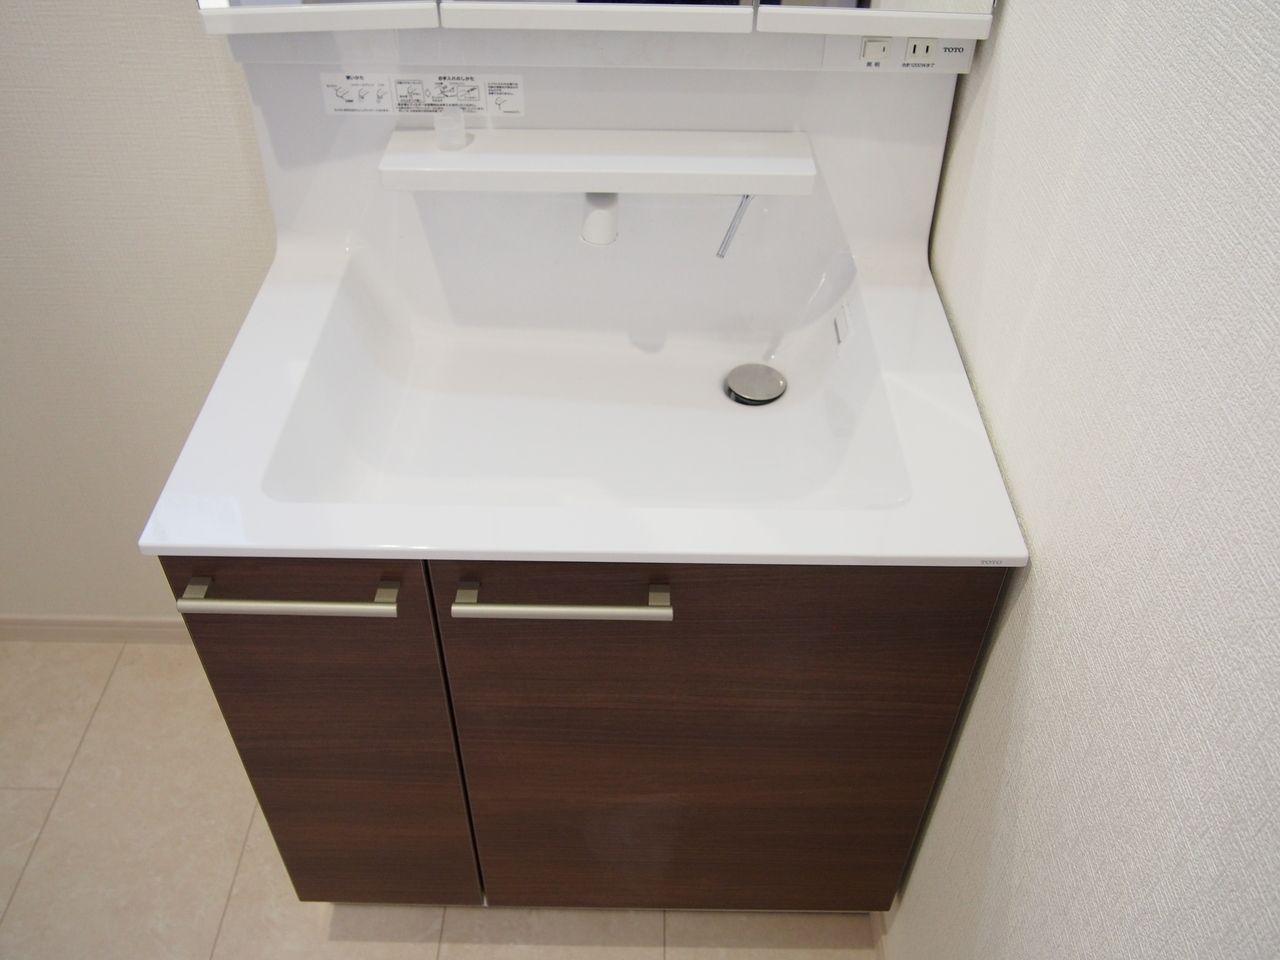 洗面器はつなぎ目のない一体成形なので、汚れにくく、お掃除もかんたんです。